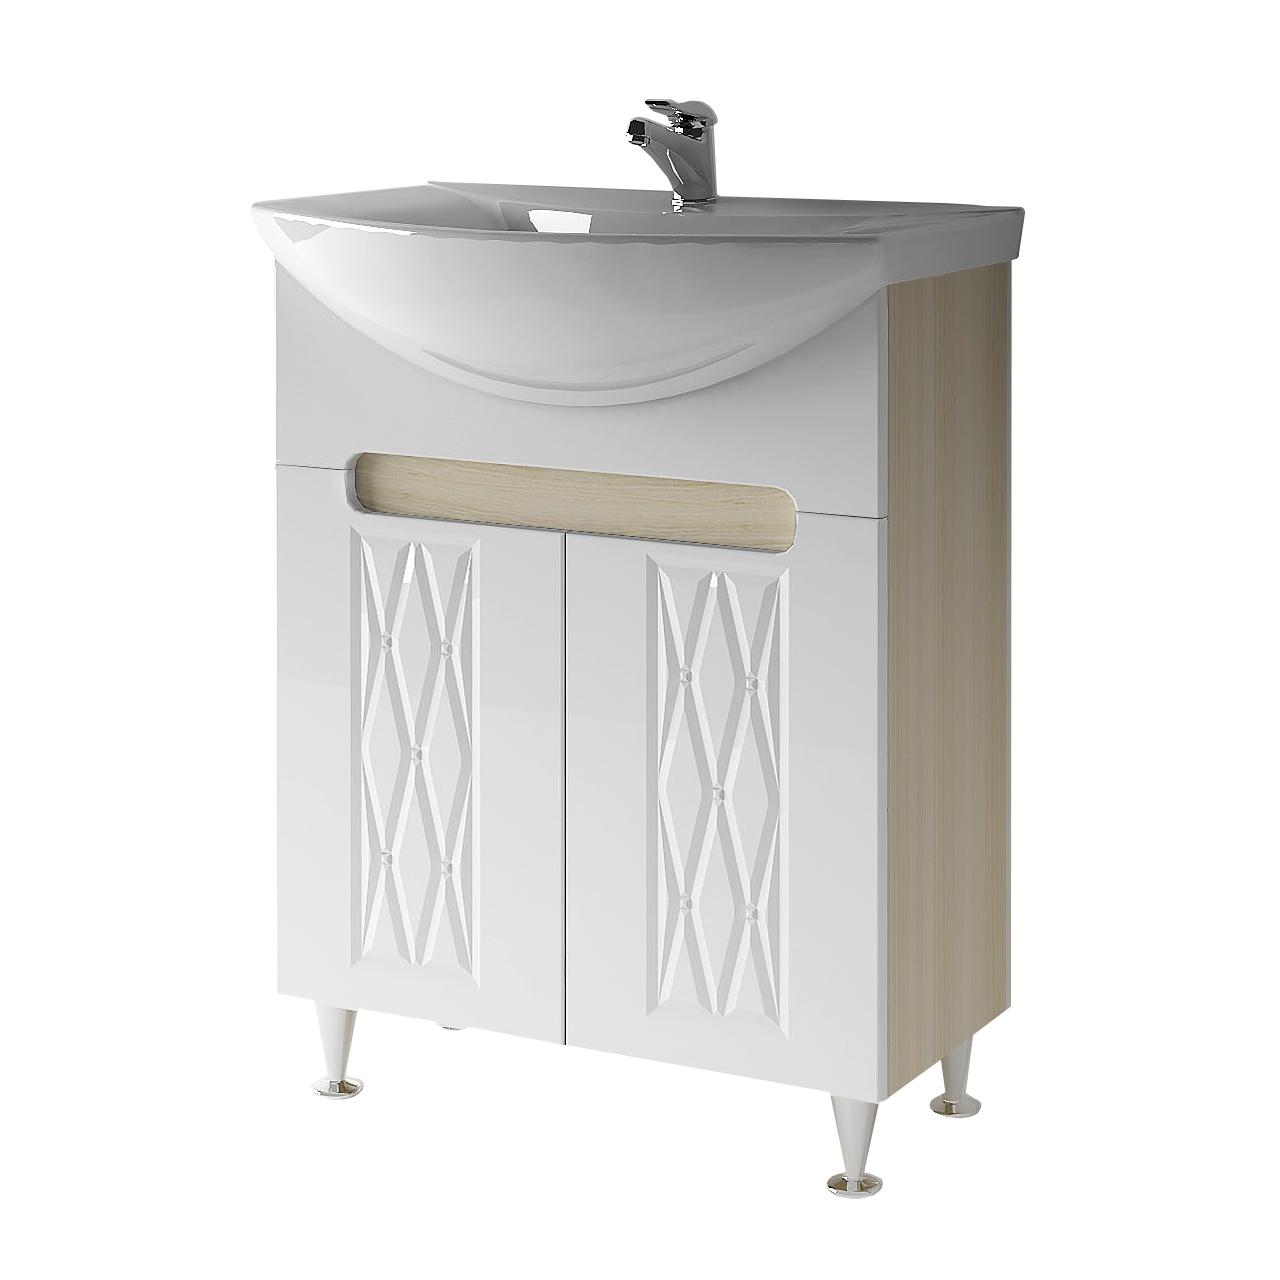 Тумба под раковину для ванной комнаты Венеция Вт 1-65м ( дуб молочный ) с умывальником Omega 65 ВанЛанд